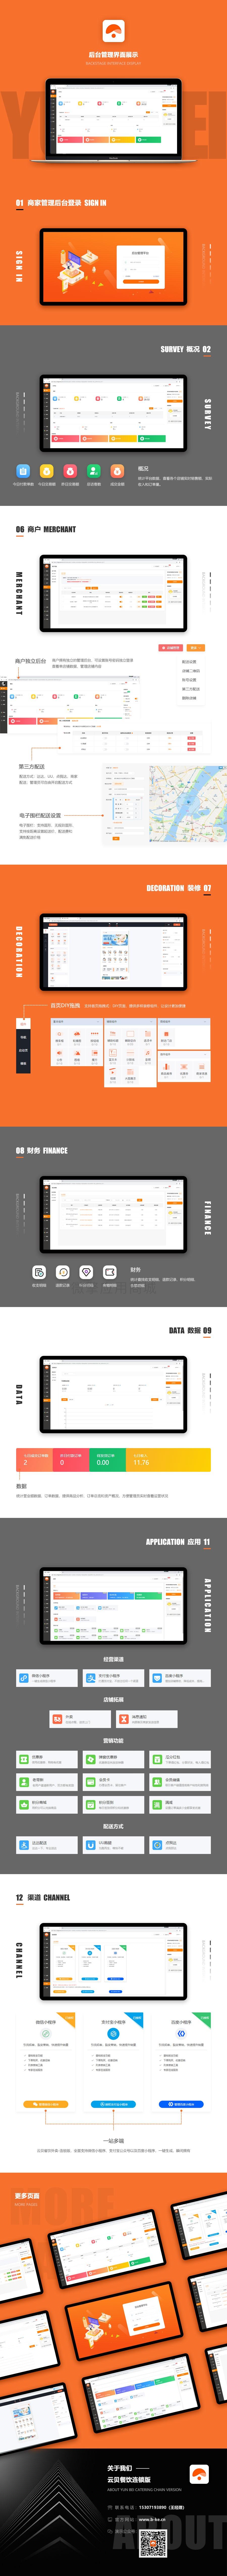 云贝-后台界面3.jpg